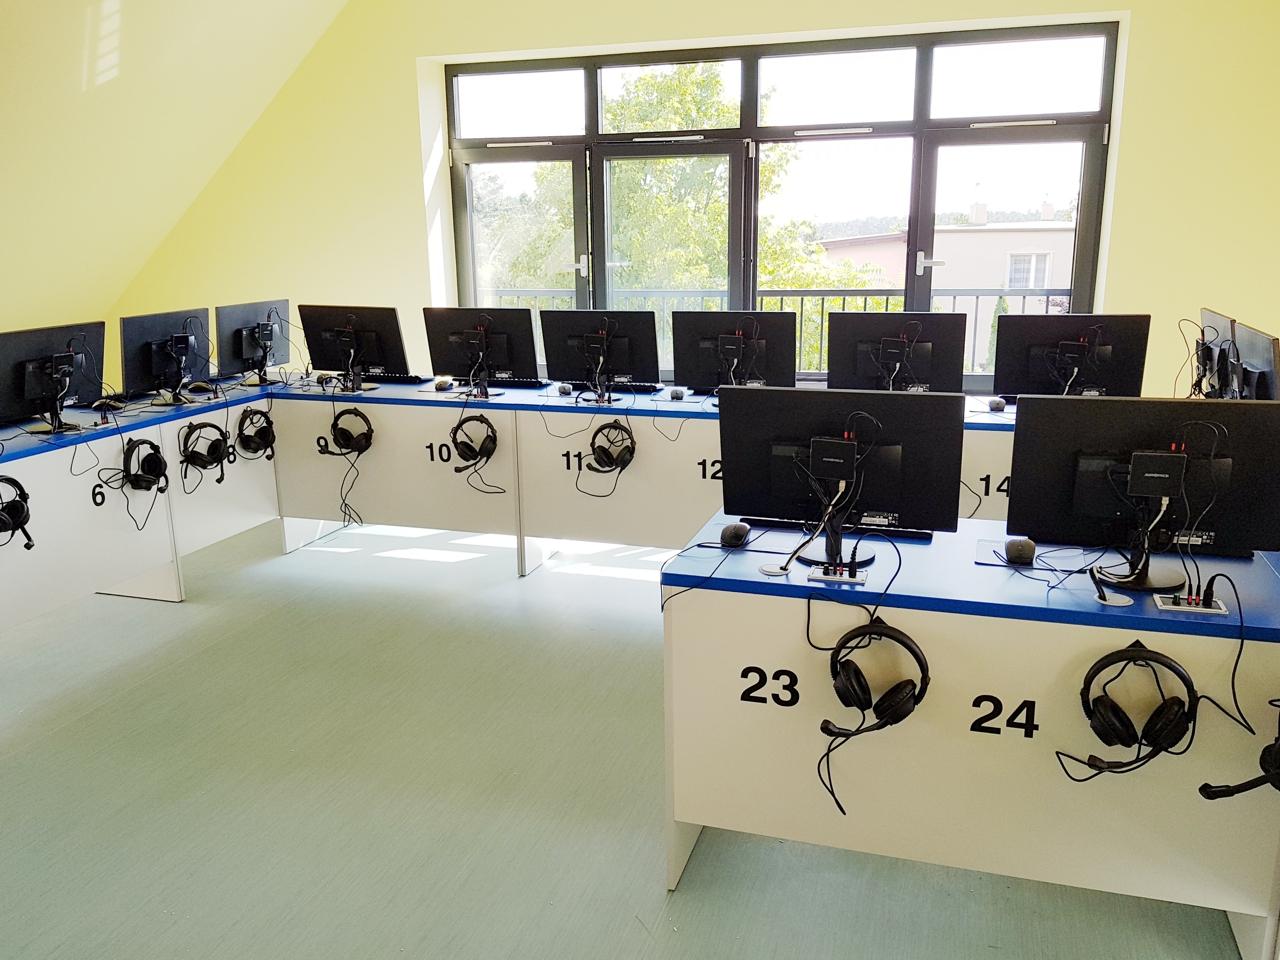 Pracownia terminalowa vCloudPoint w szkole w Biskupicach